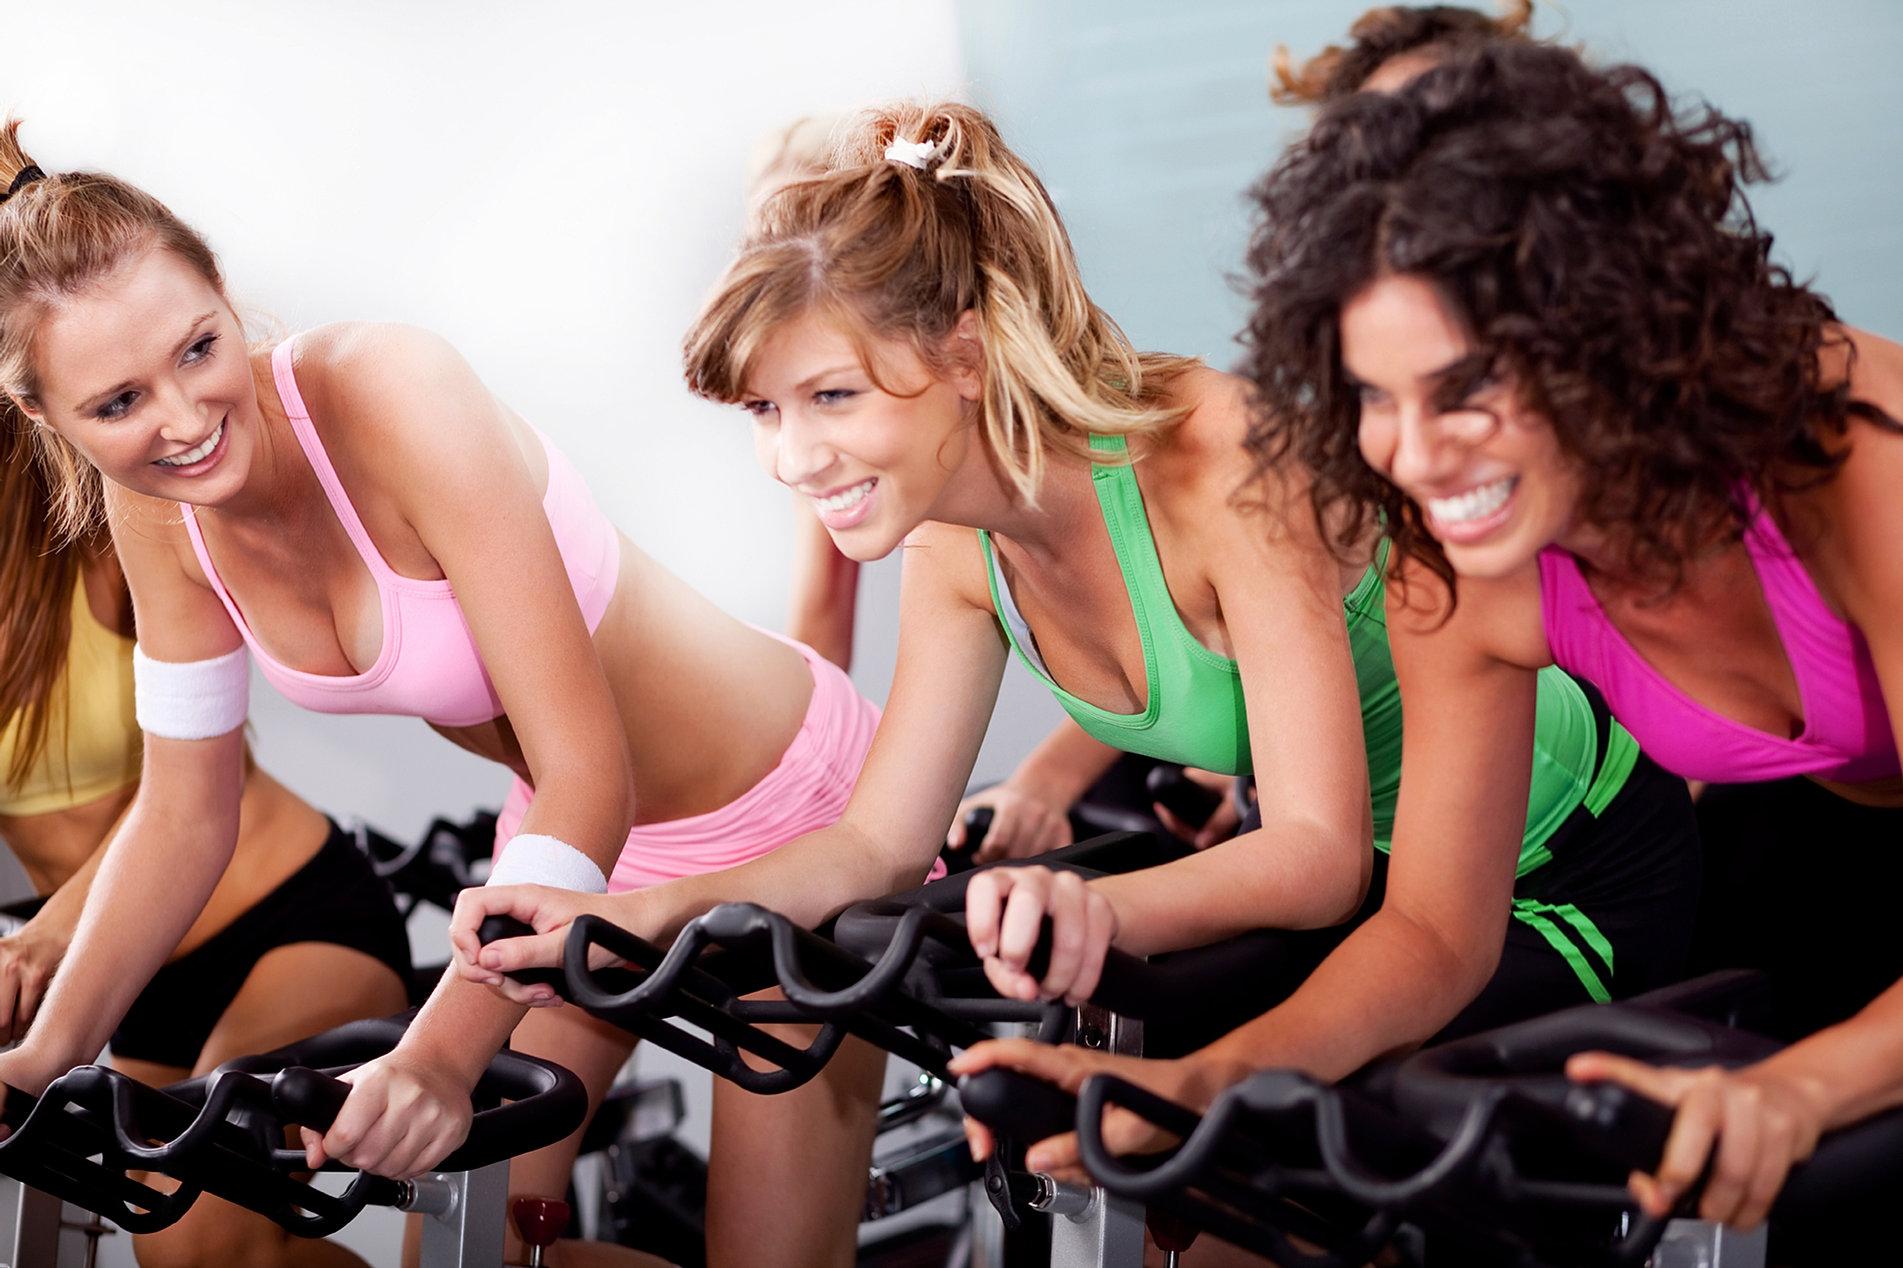 Трансов групповая мы с подругами в спортзале фото силиконовой